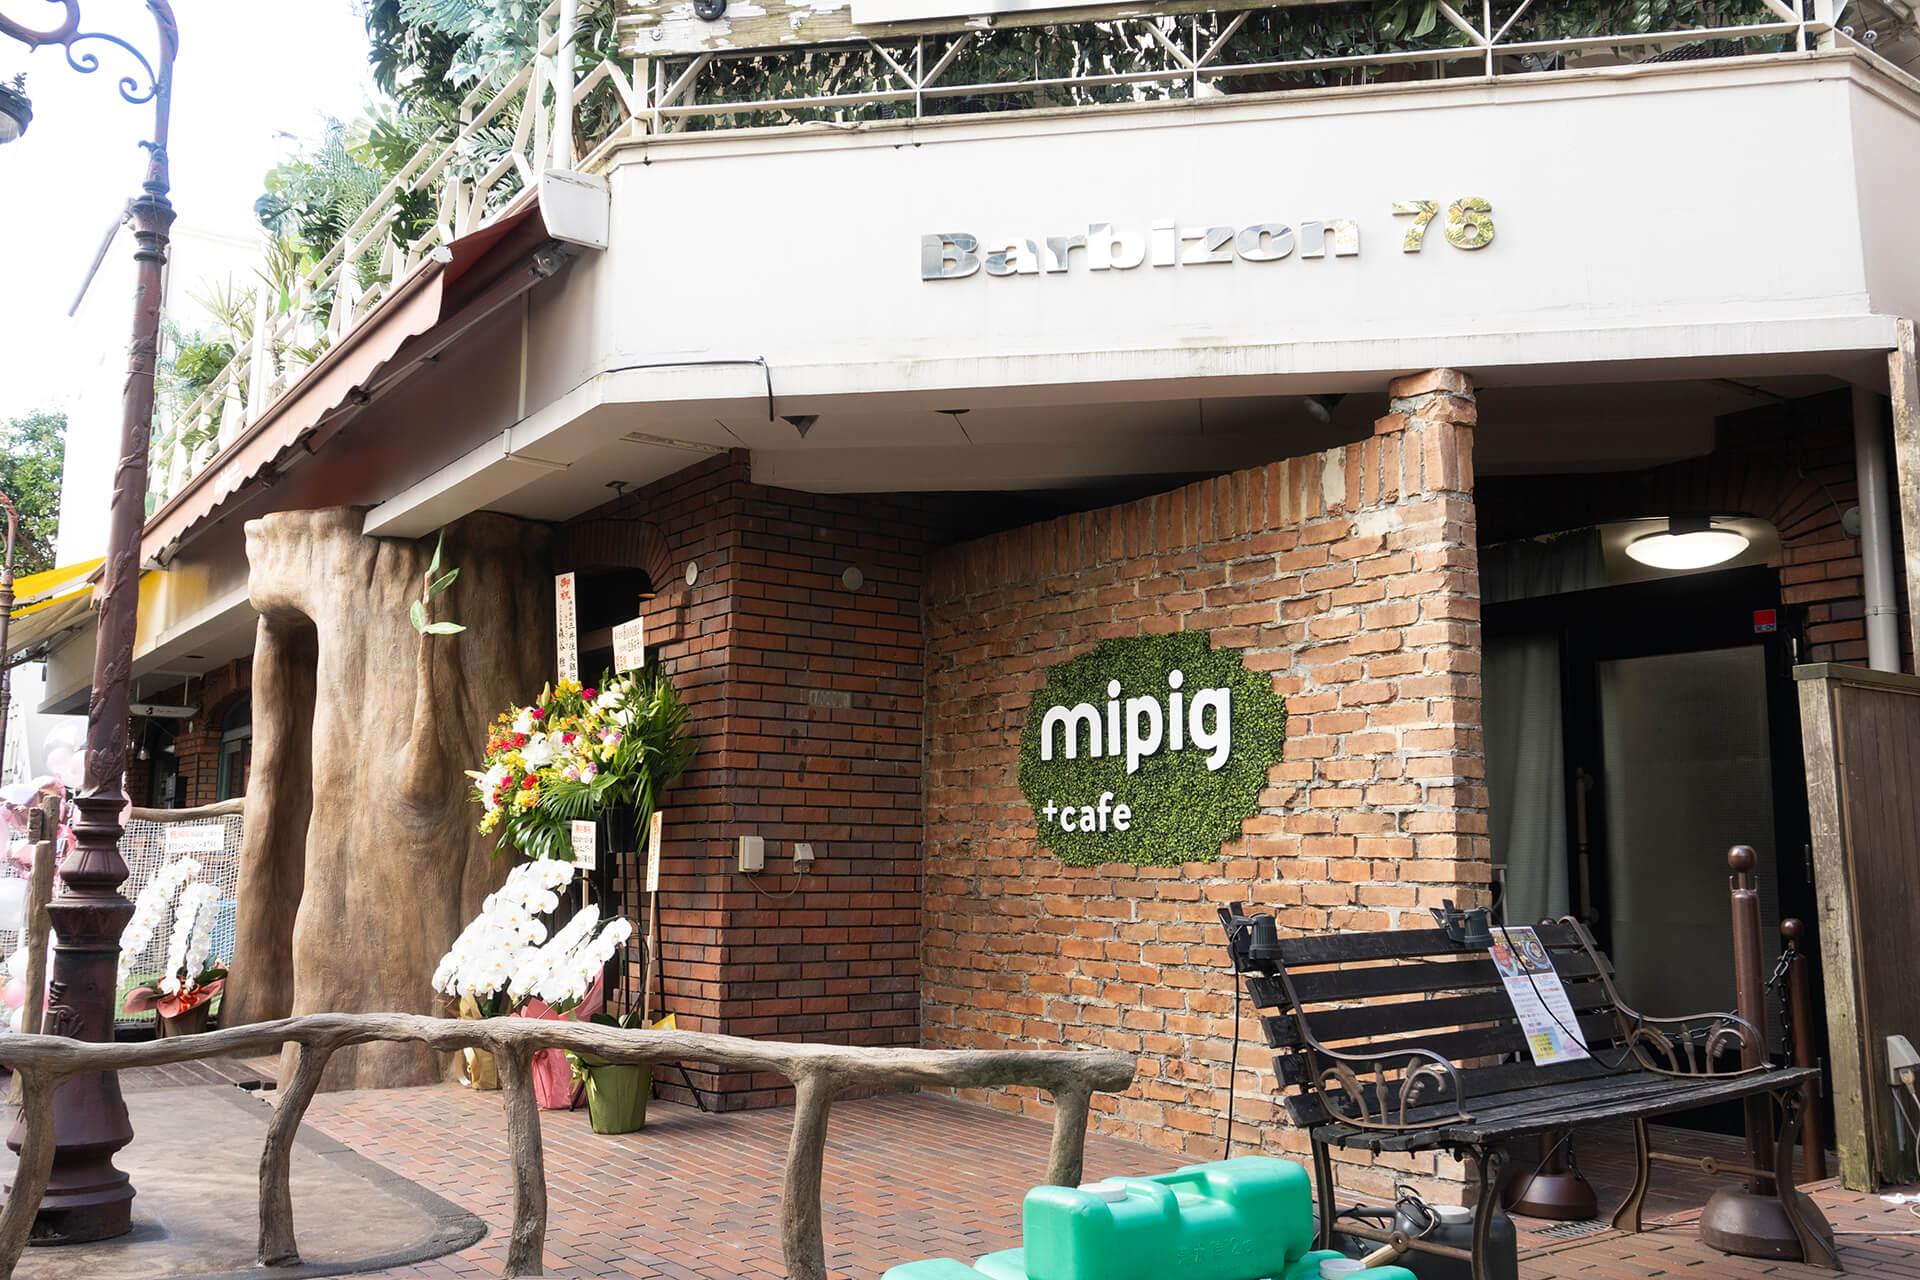 mipigcafe原宿店・店外写真